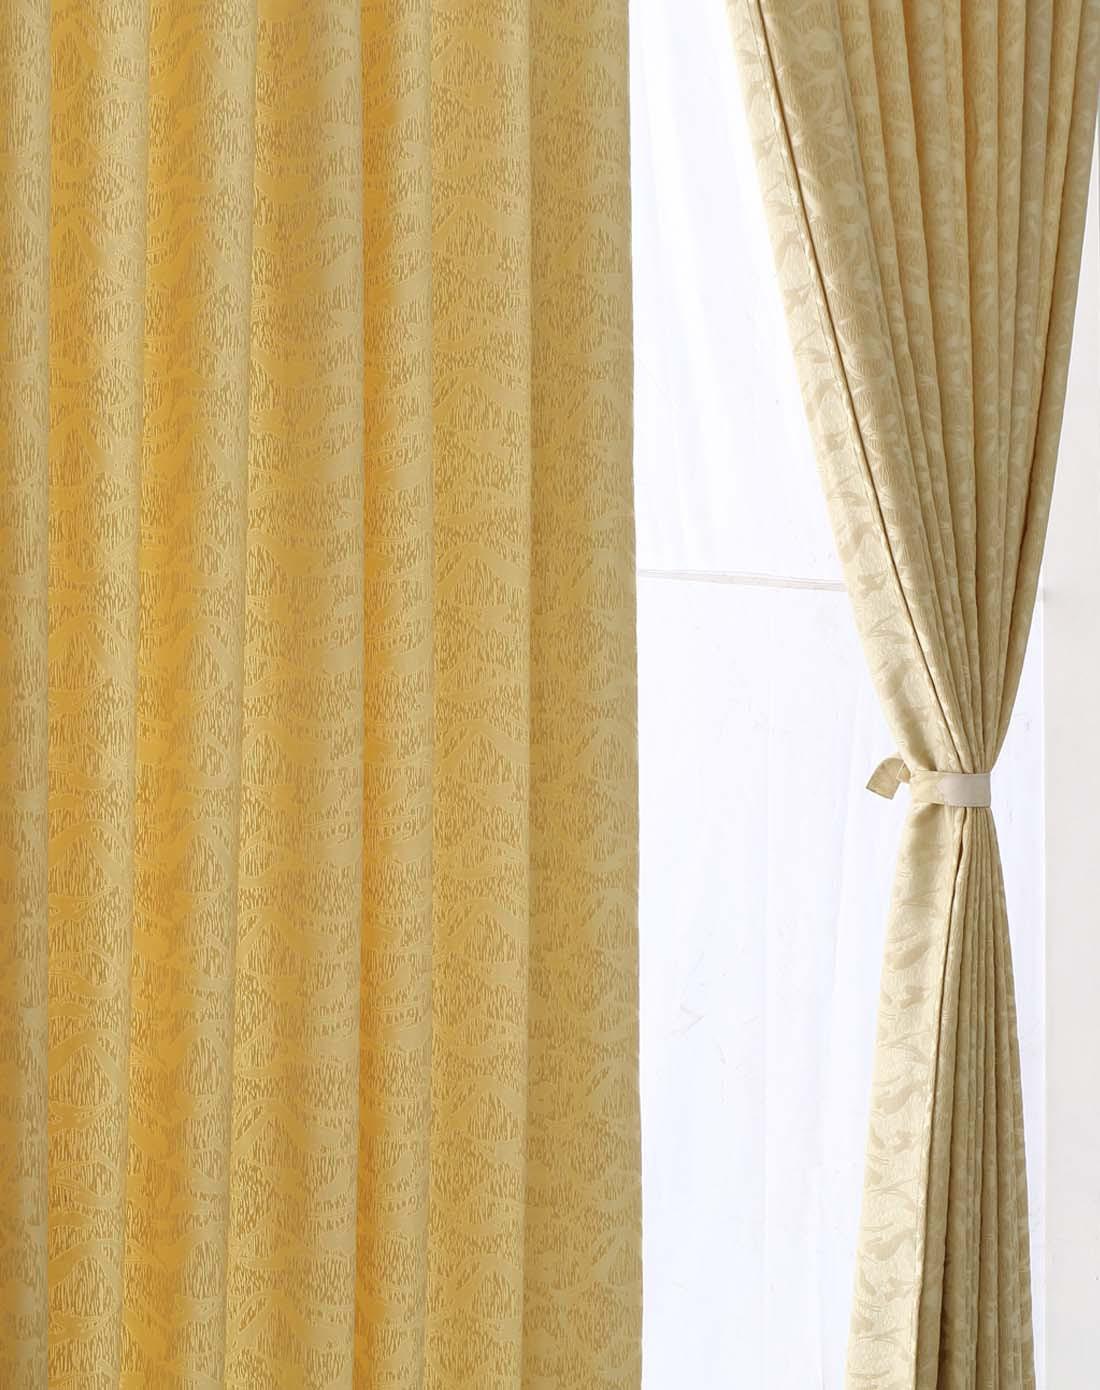 半哹�����y�:,,_简约抽象客厅布艺半遮光窗帘 3*2